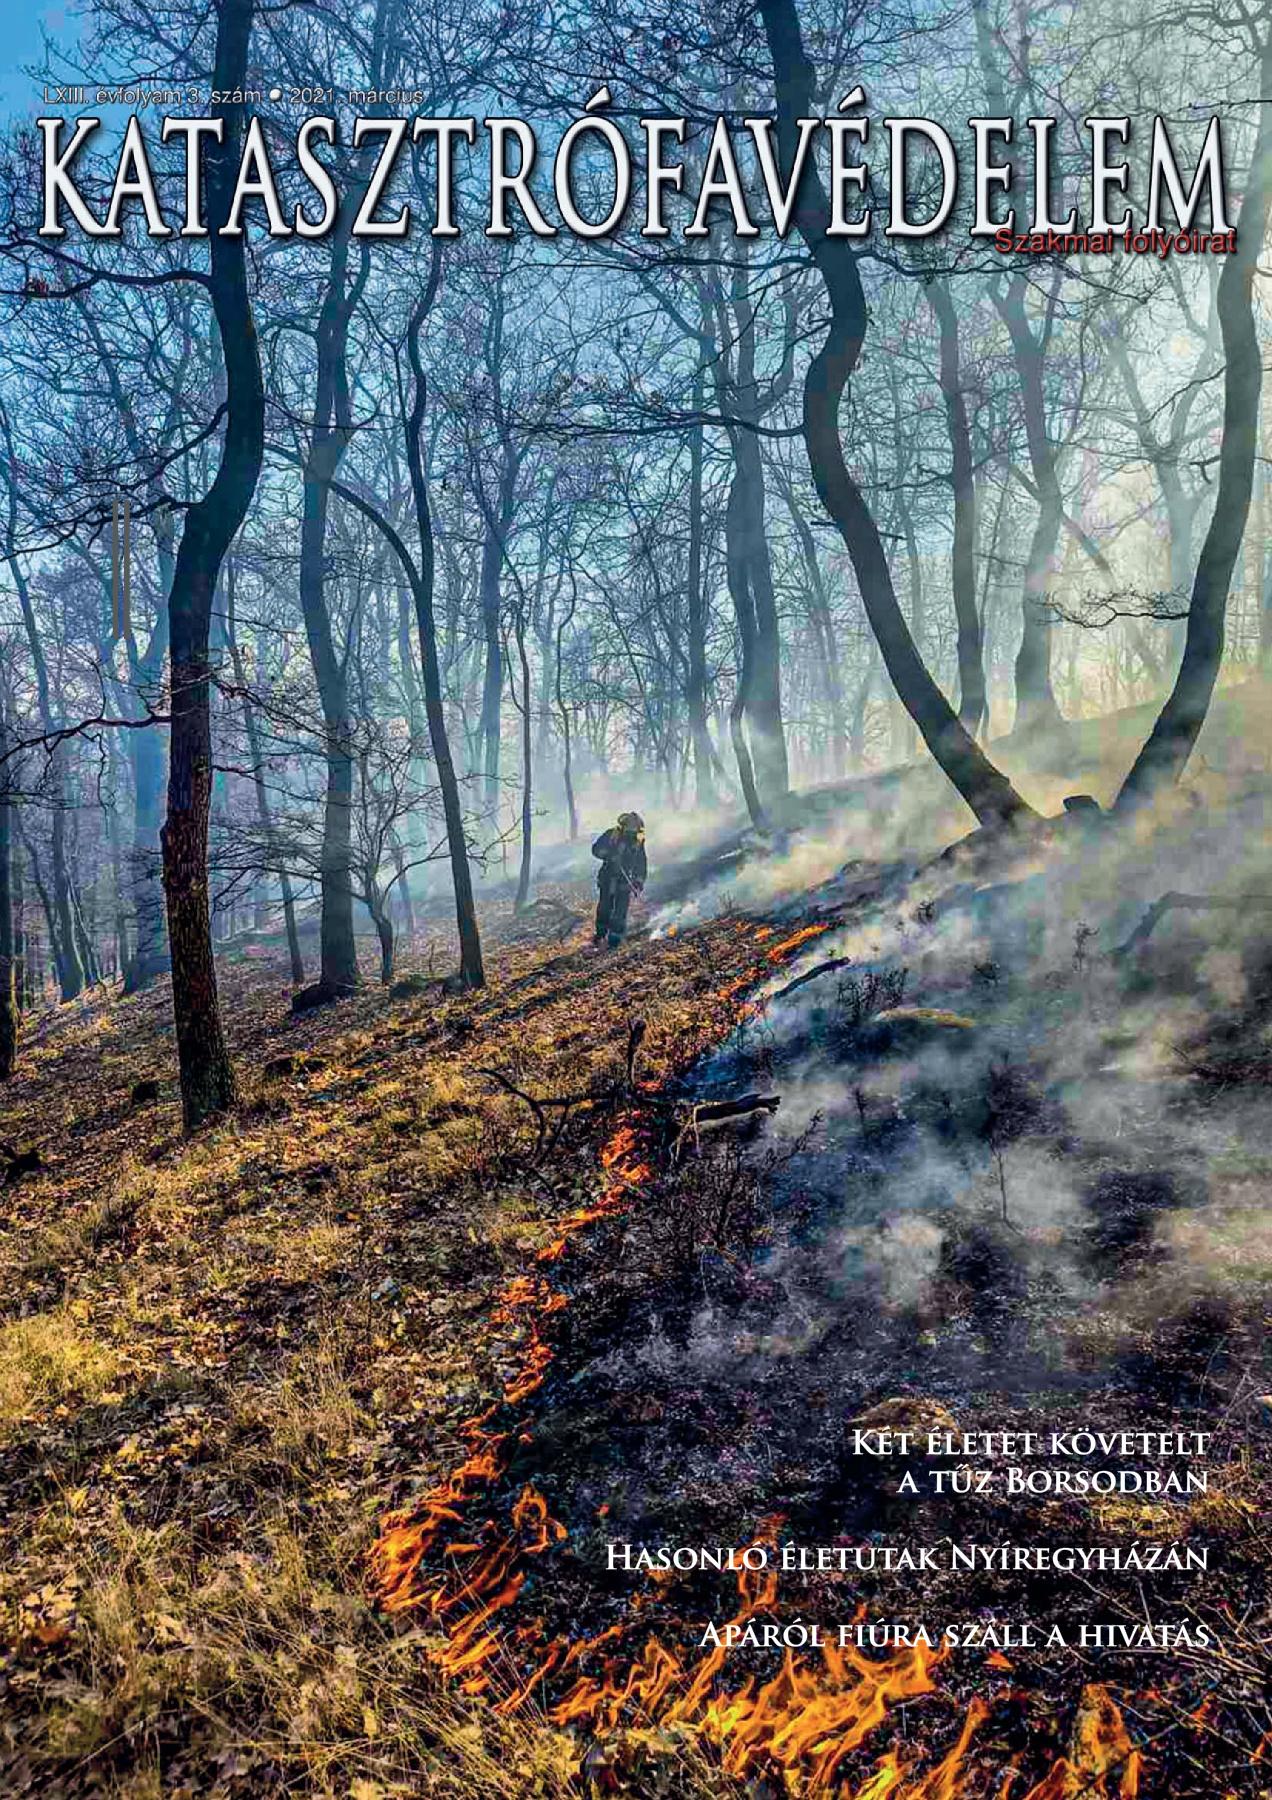 A Katasztrófavédelem magazin LXIII. évfolyam 3. szám megtekintése